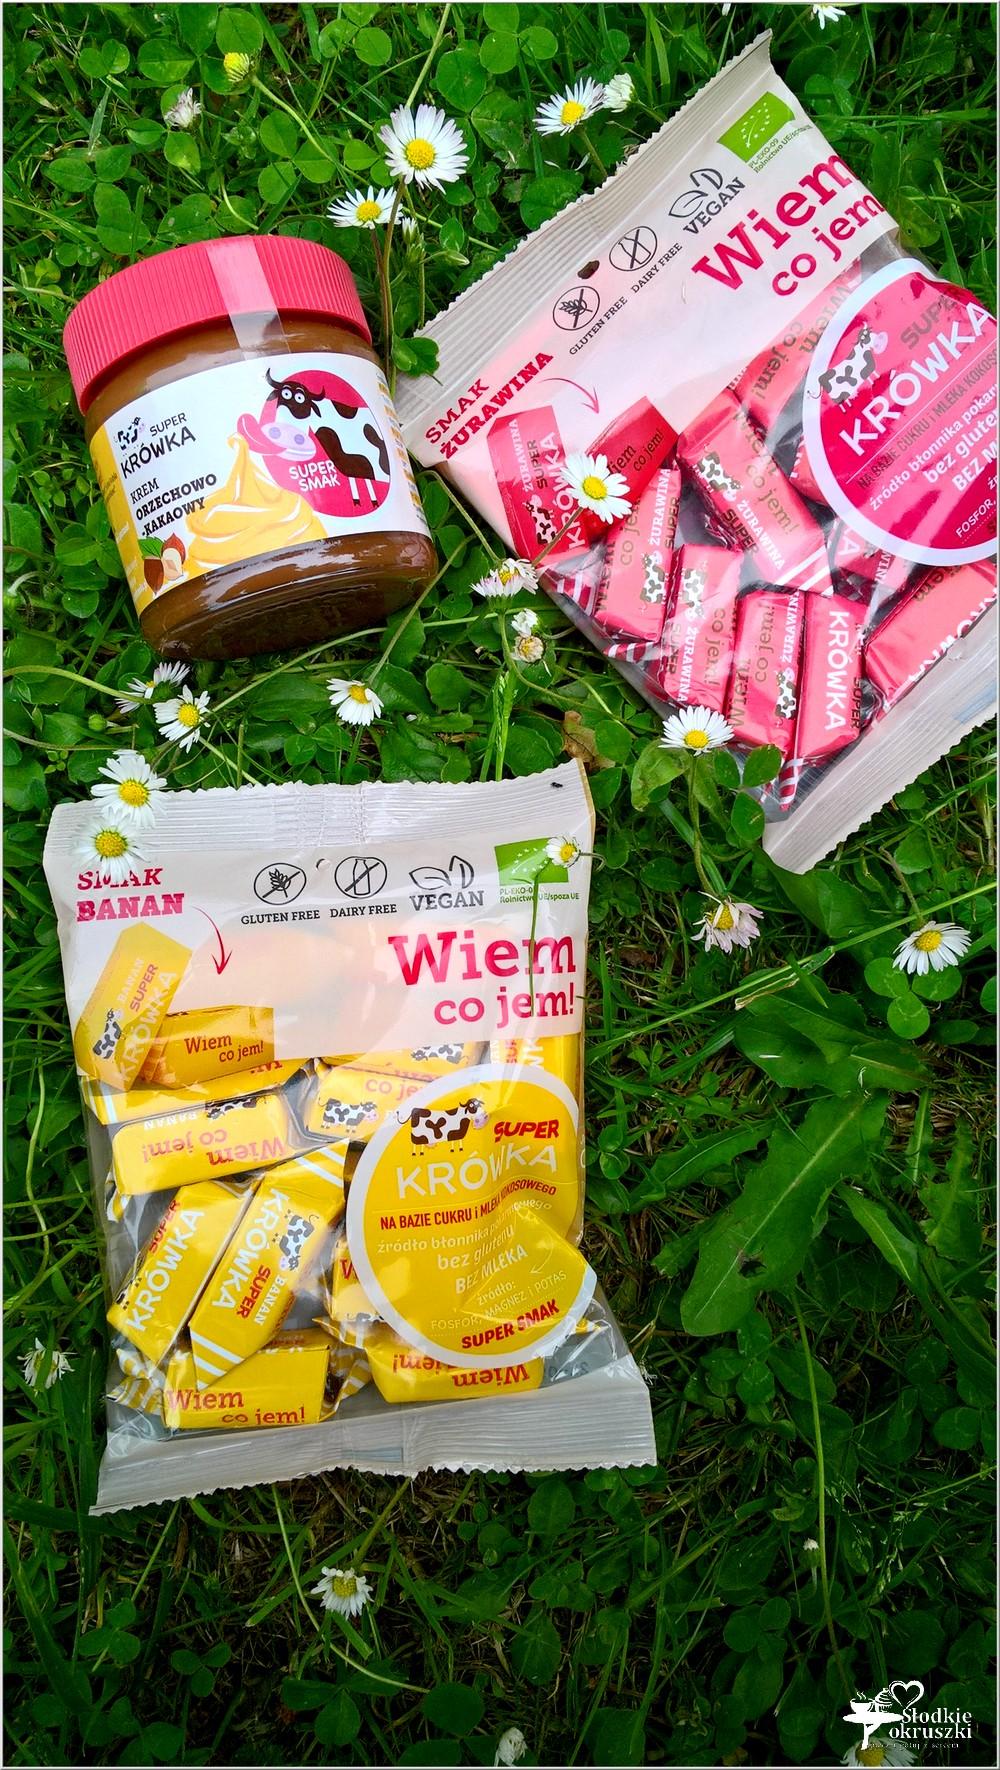 Super krówka - zdrowe i pyszne słodkości (6)